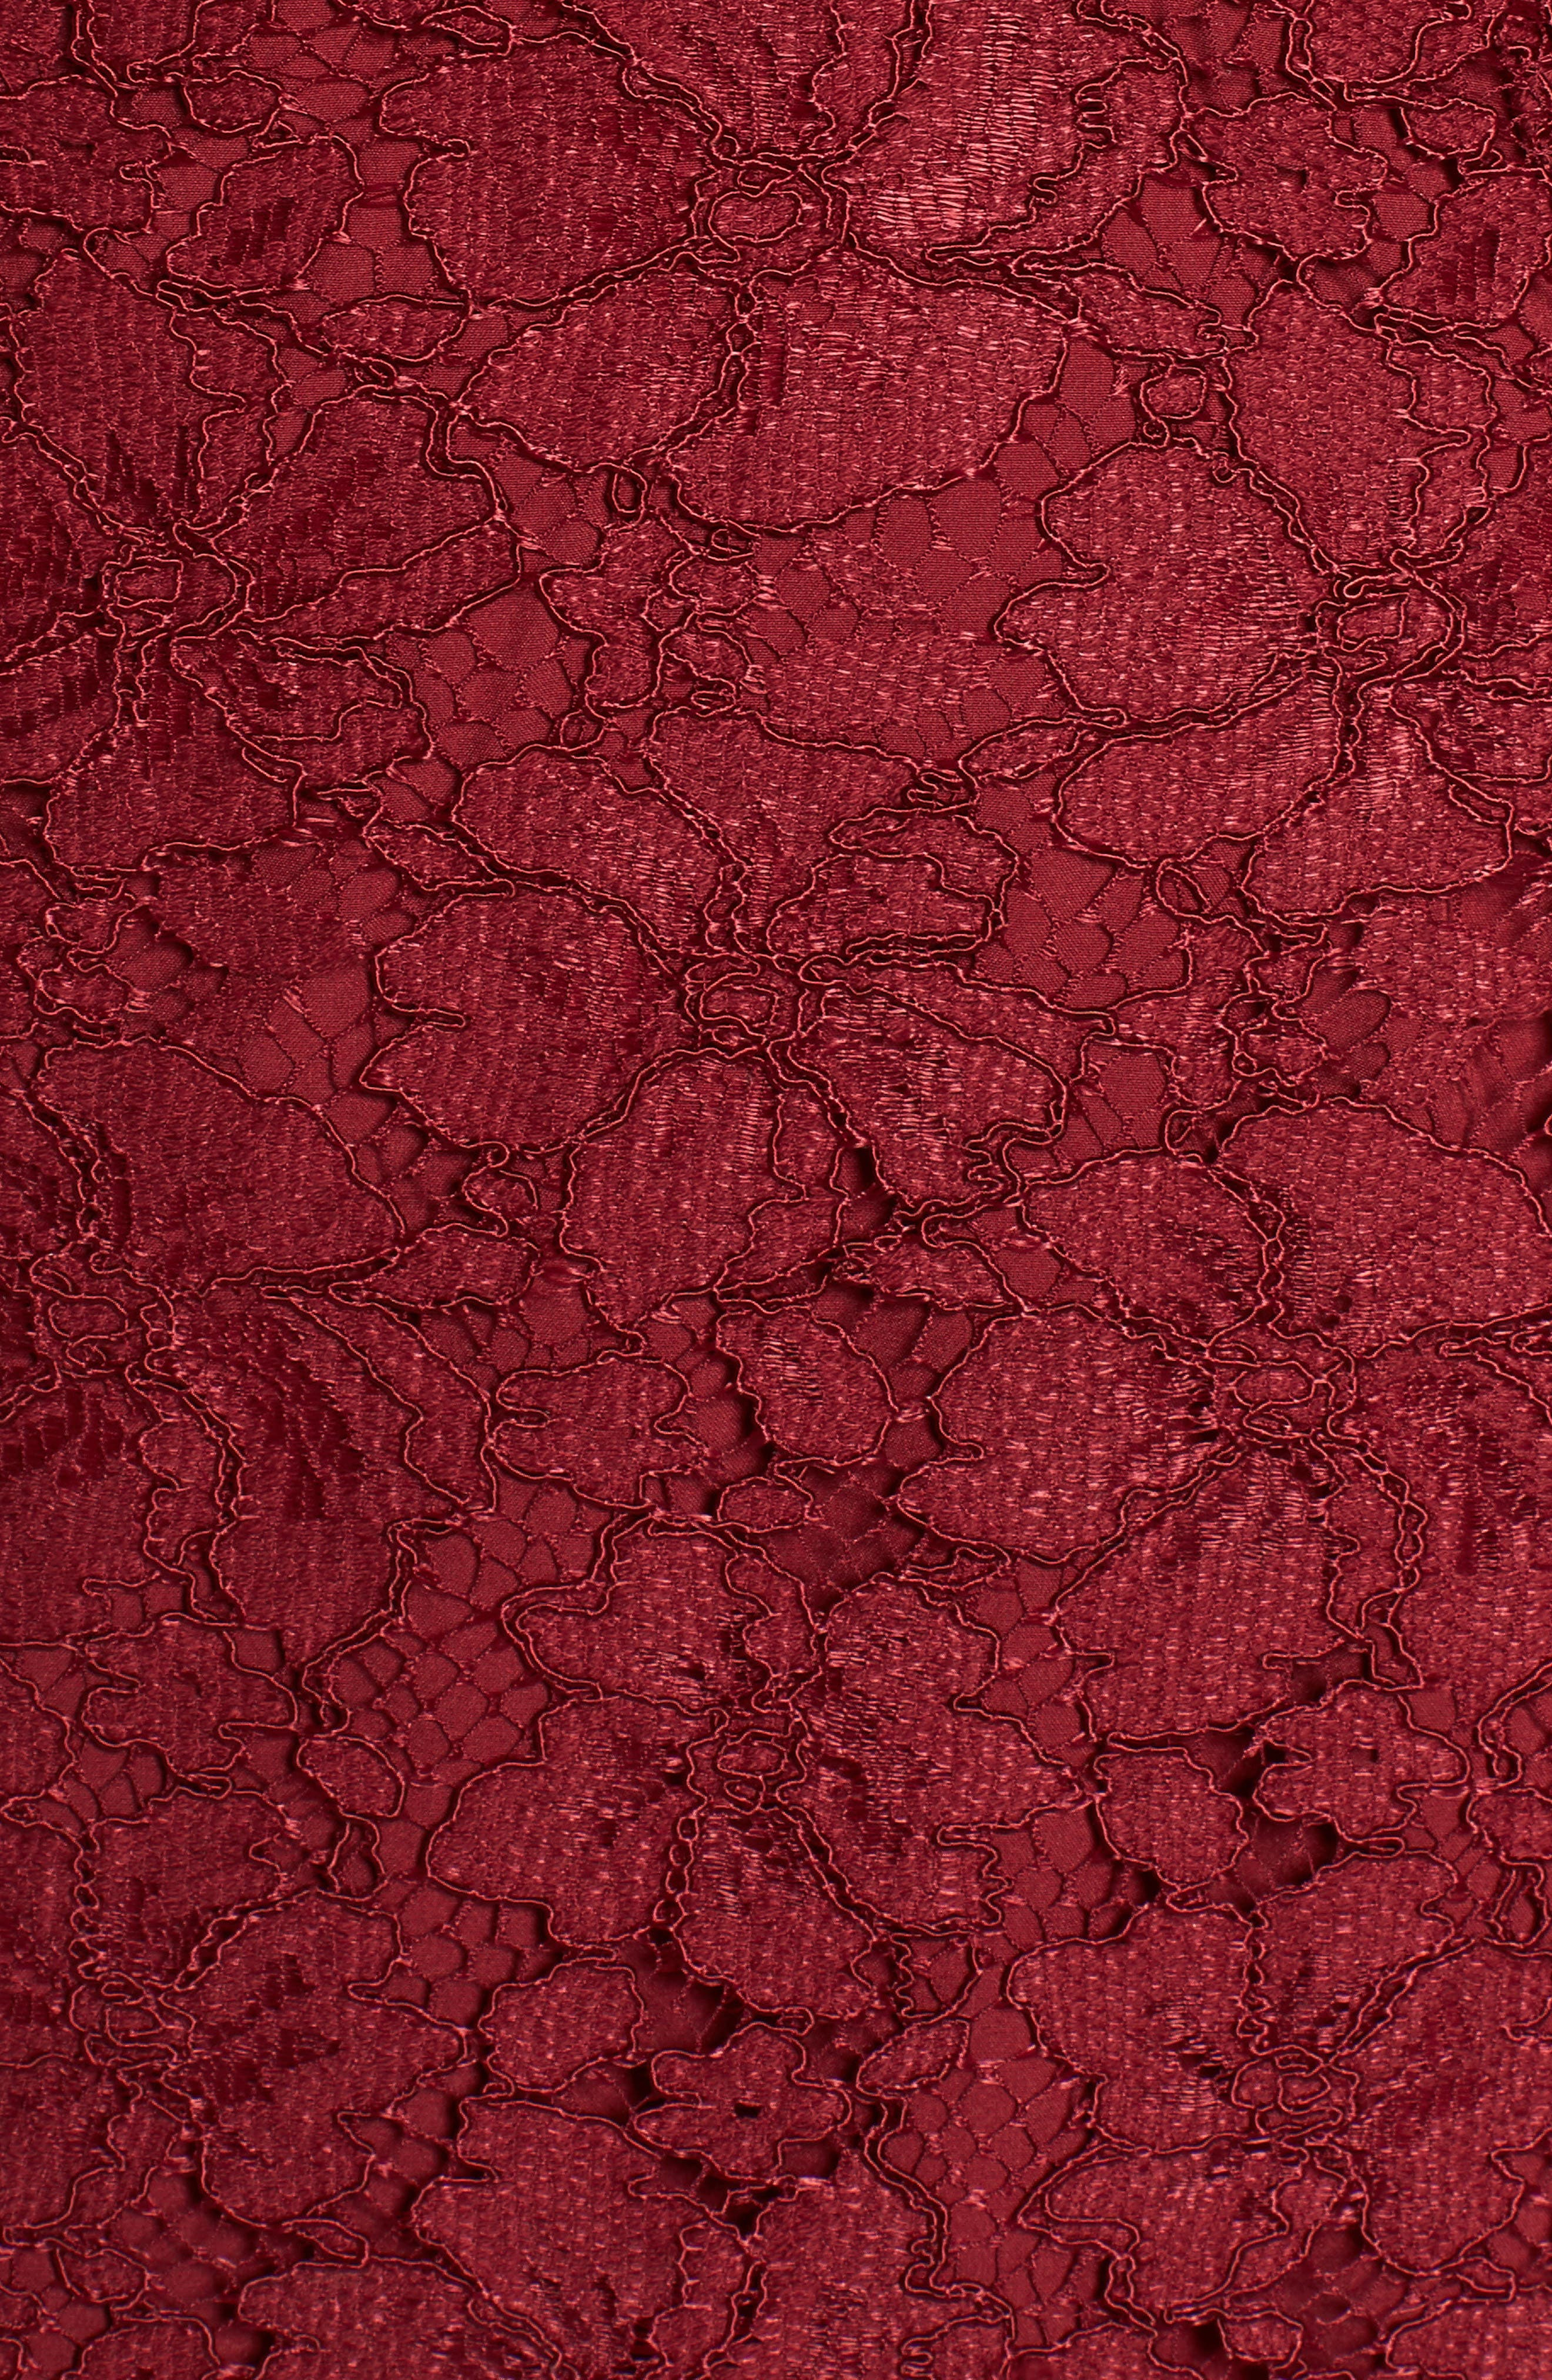 Say It Out Loud Lace Dress,                             Alternate thumbnail 22, color,